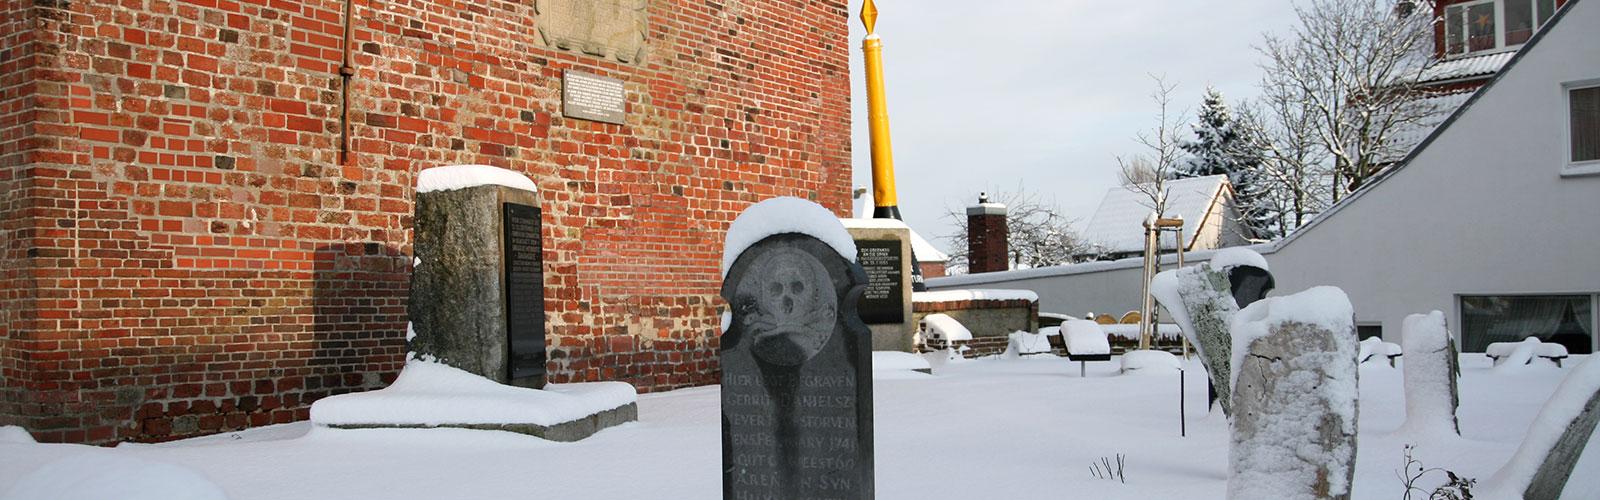 Walfaengerfriedhof